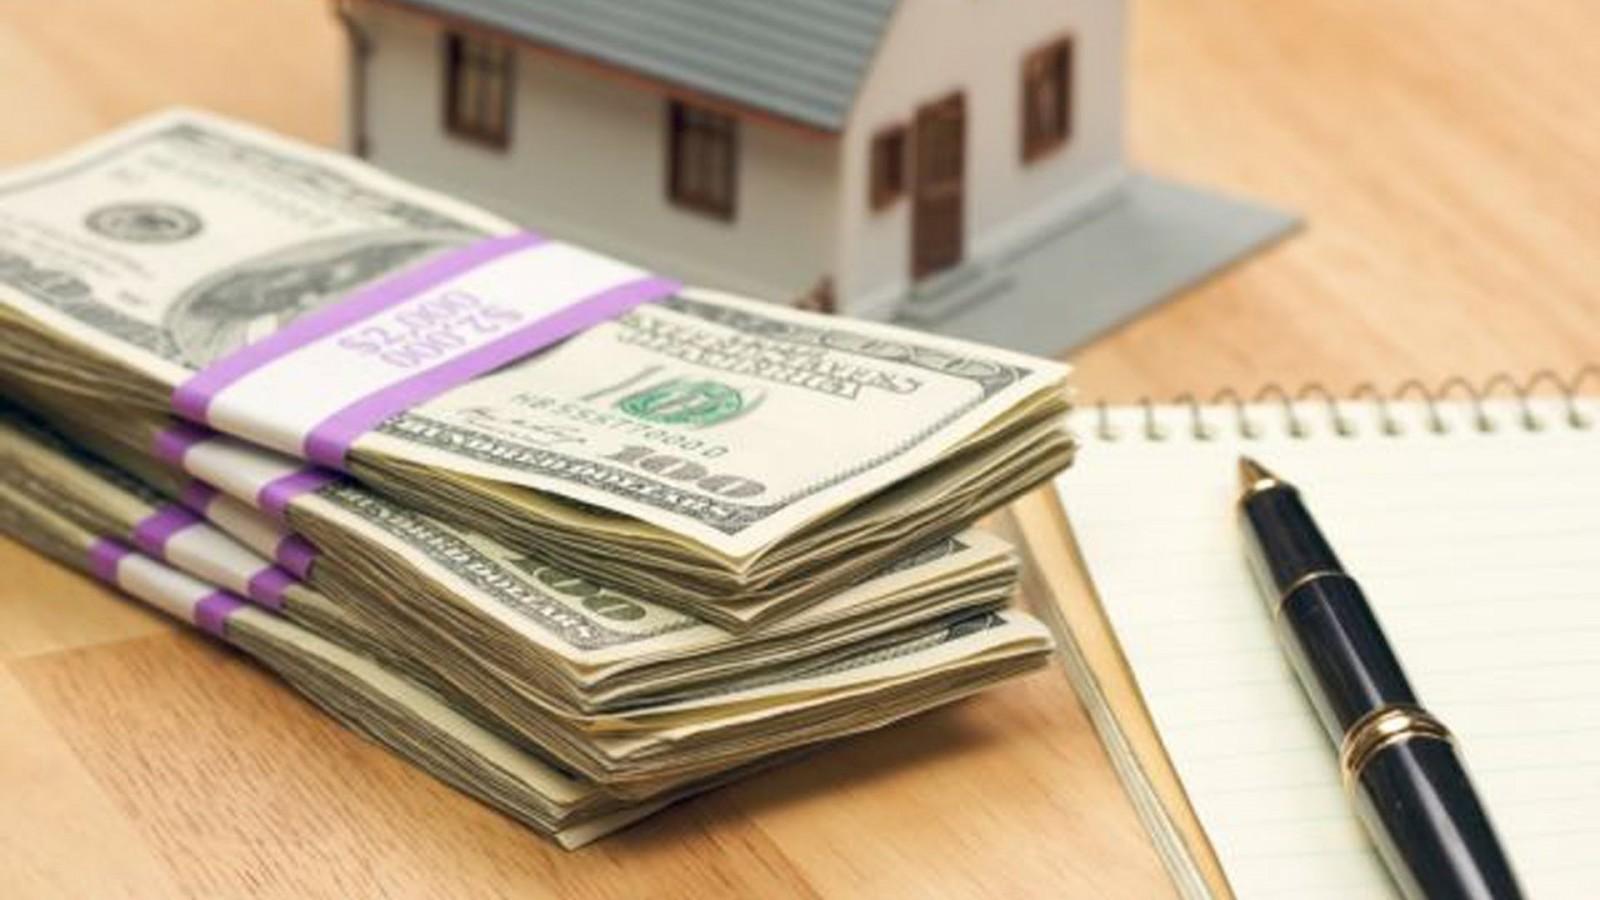 Оформление быстрого кредита: как взять, что нужно и достоинства